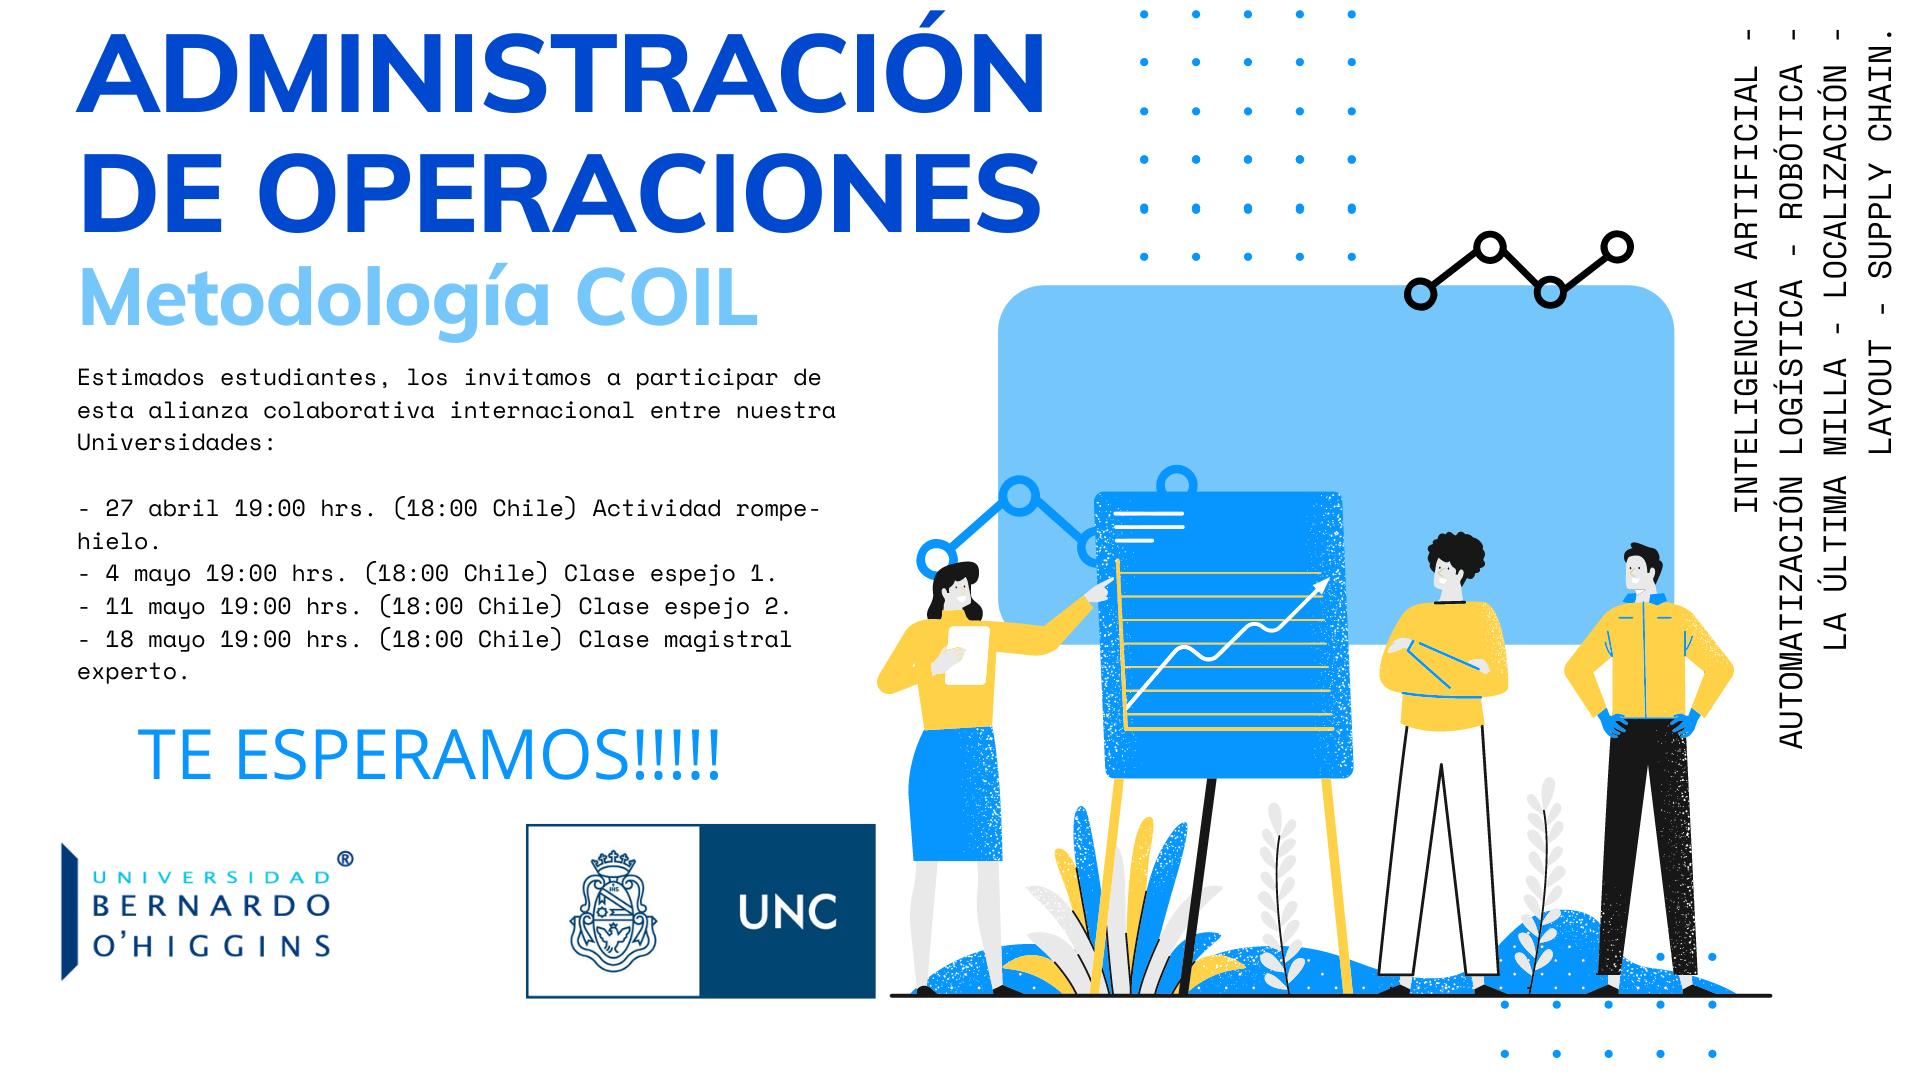 Programa Internacional UNC UBO Administración de Operaciones